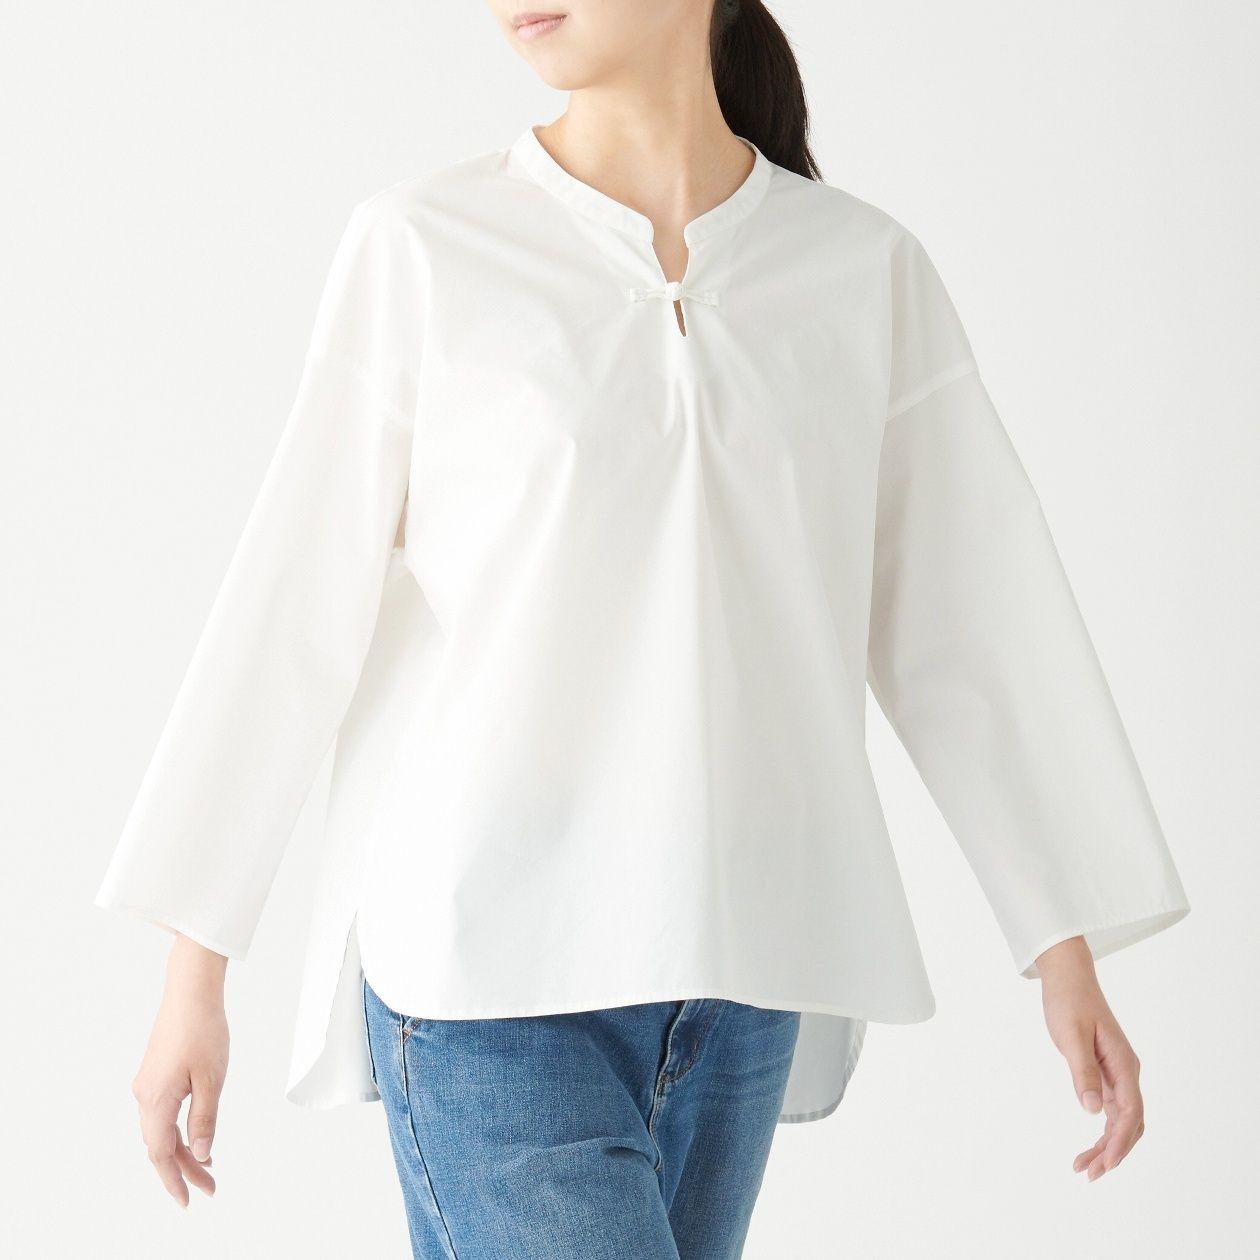 [무인양품] 매듭 단추 스탠드 칼라 블라우스 ONE SIZE・흰색 MUJI 일본 공식스토어